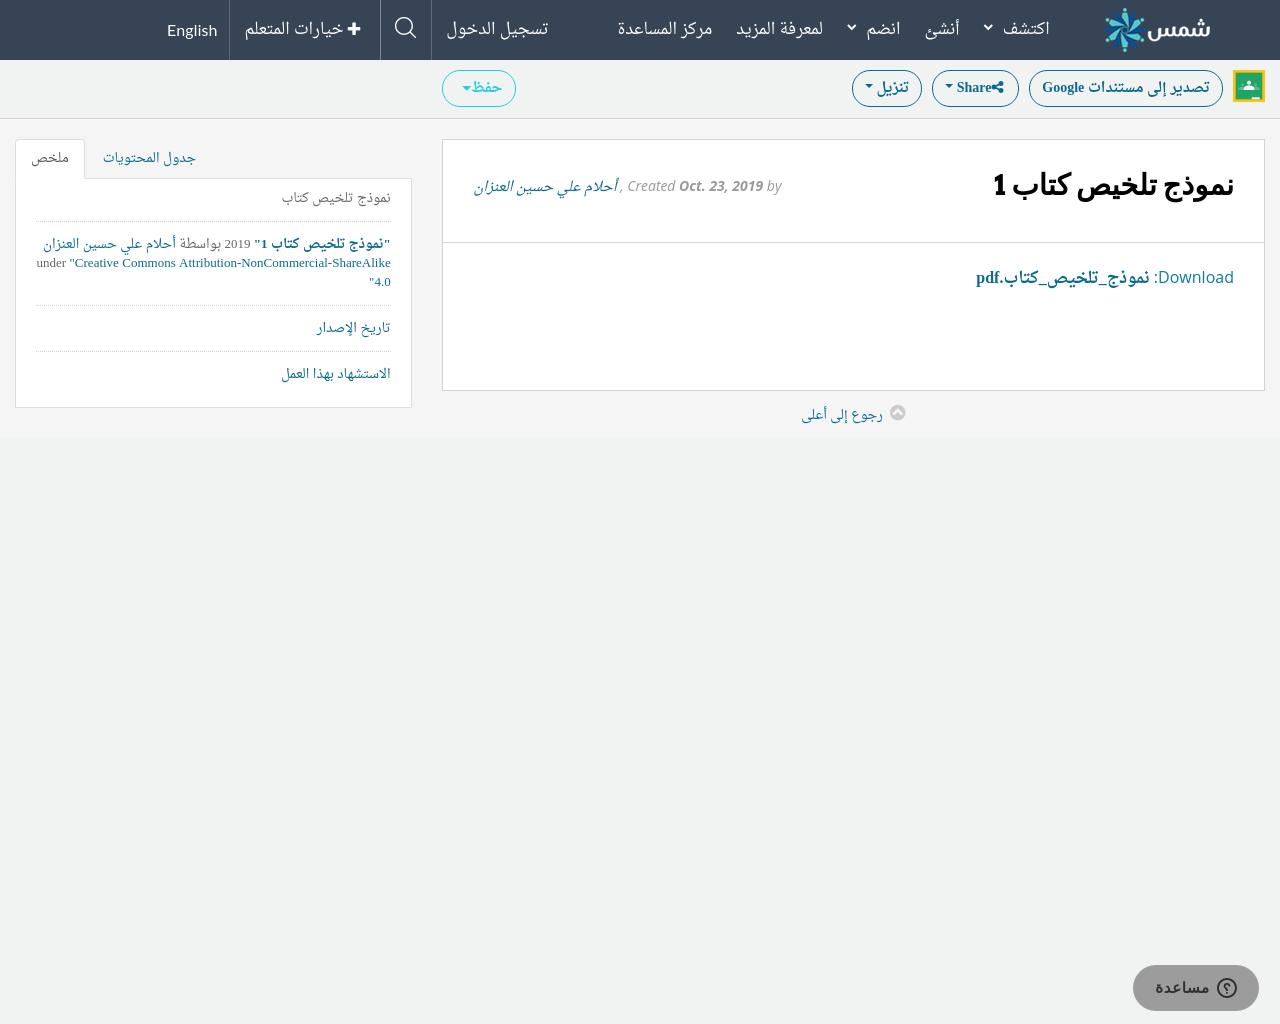 نموذج تلخيص كتاب 1 Shms Saudi Oer Network